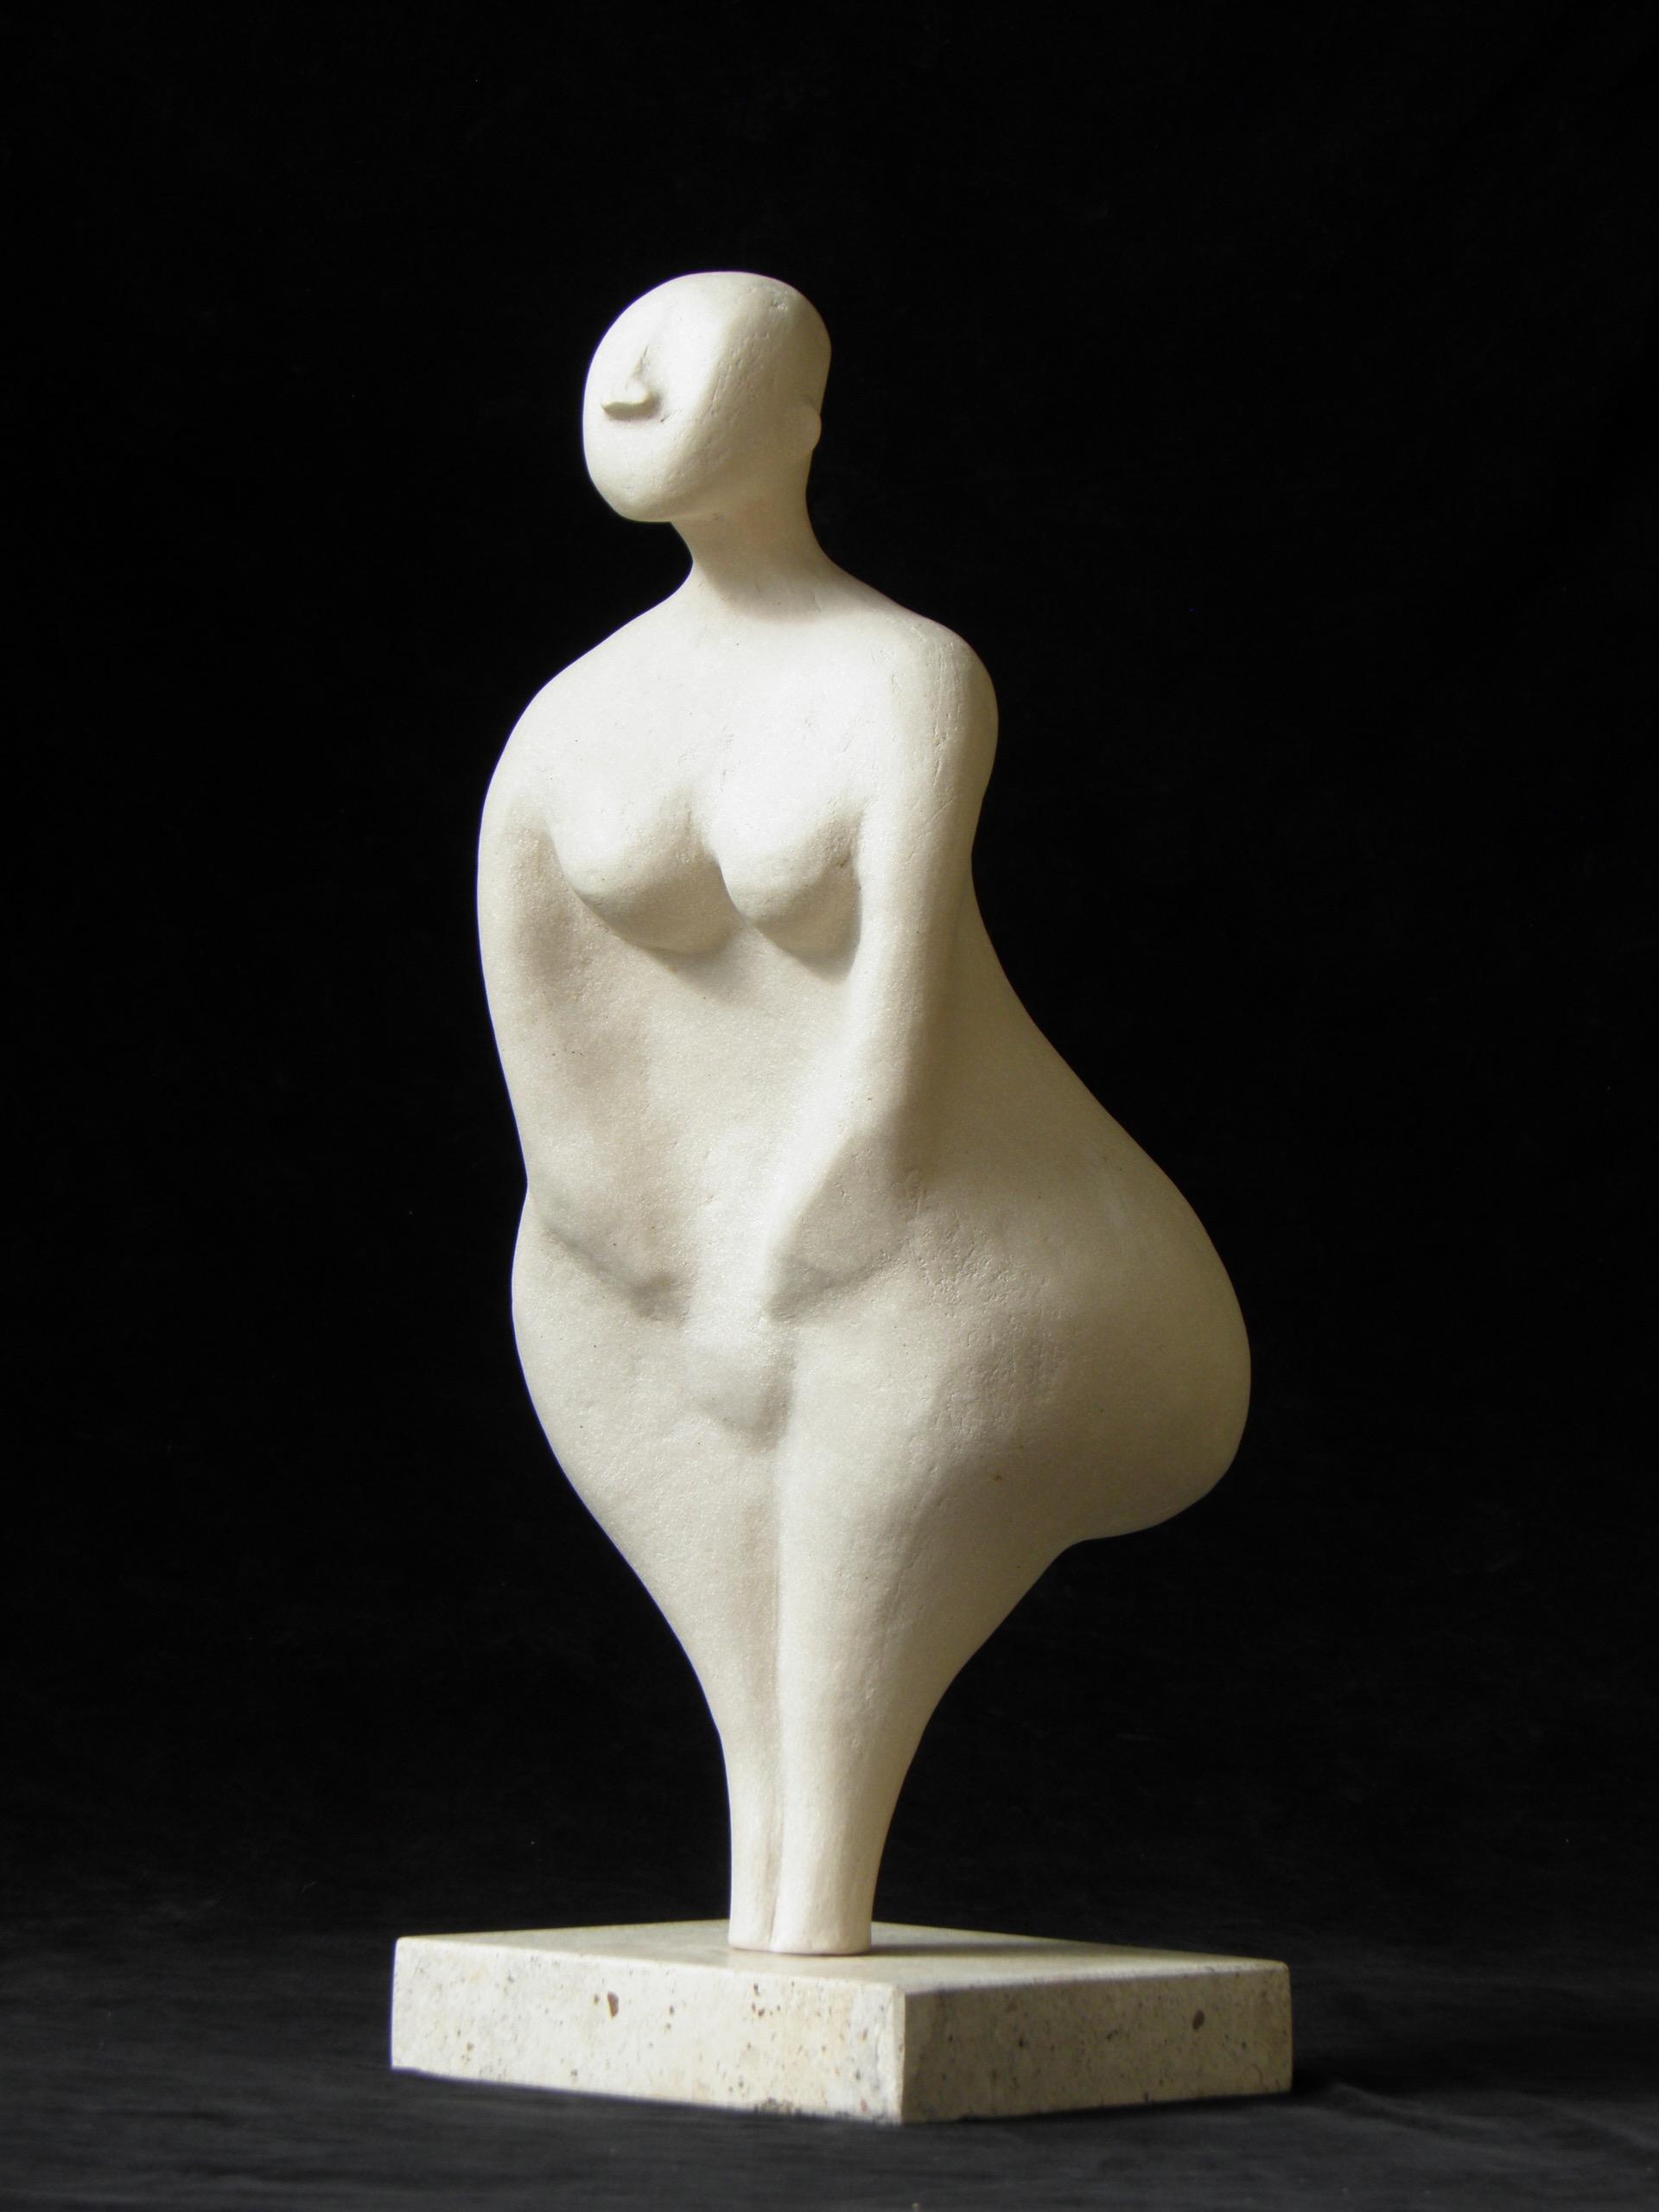 Nikki Statuette